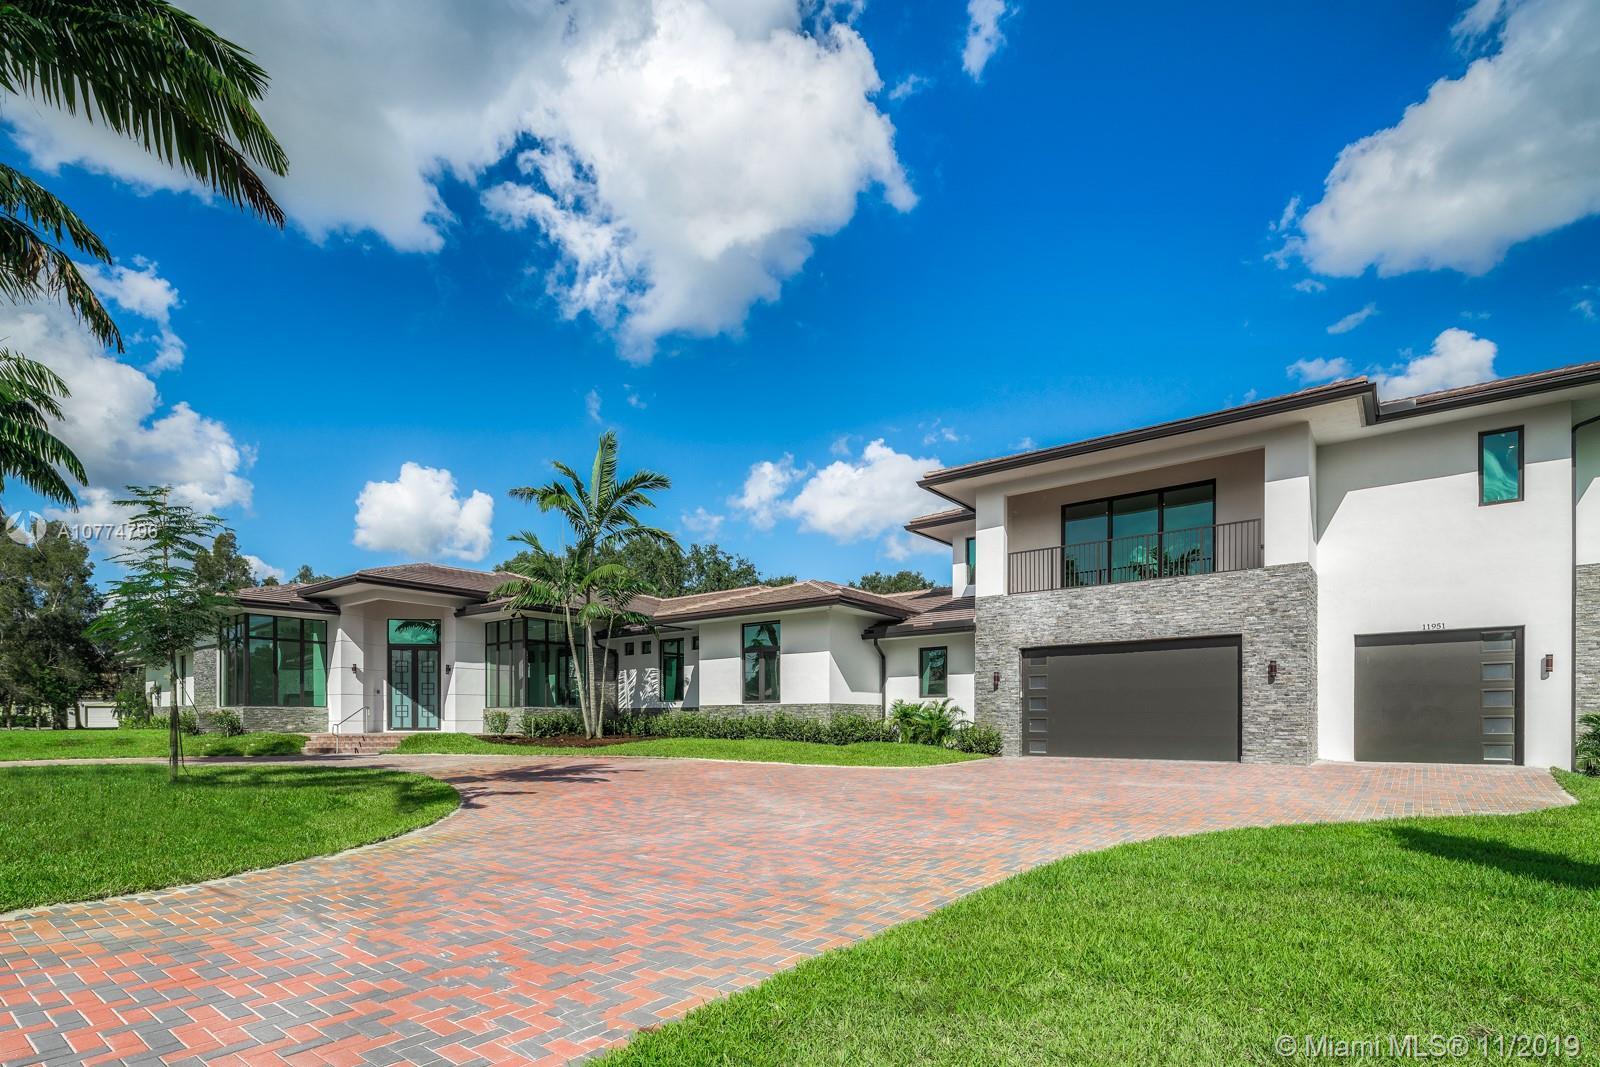 11951 NW 6th St, Plantation, FL 33325